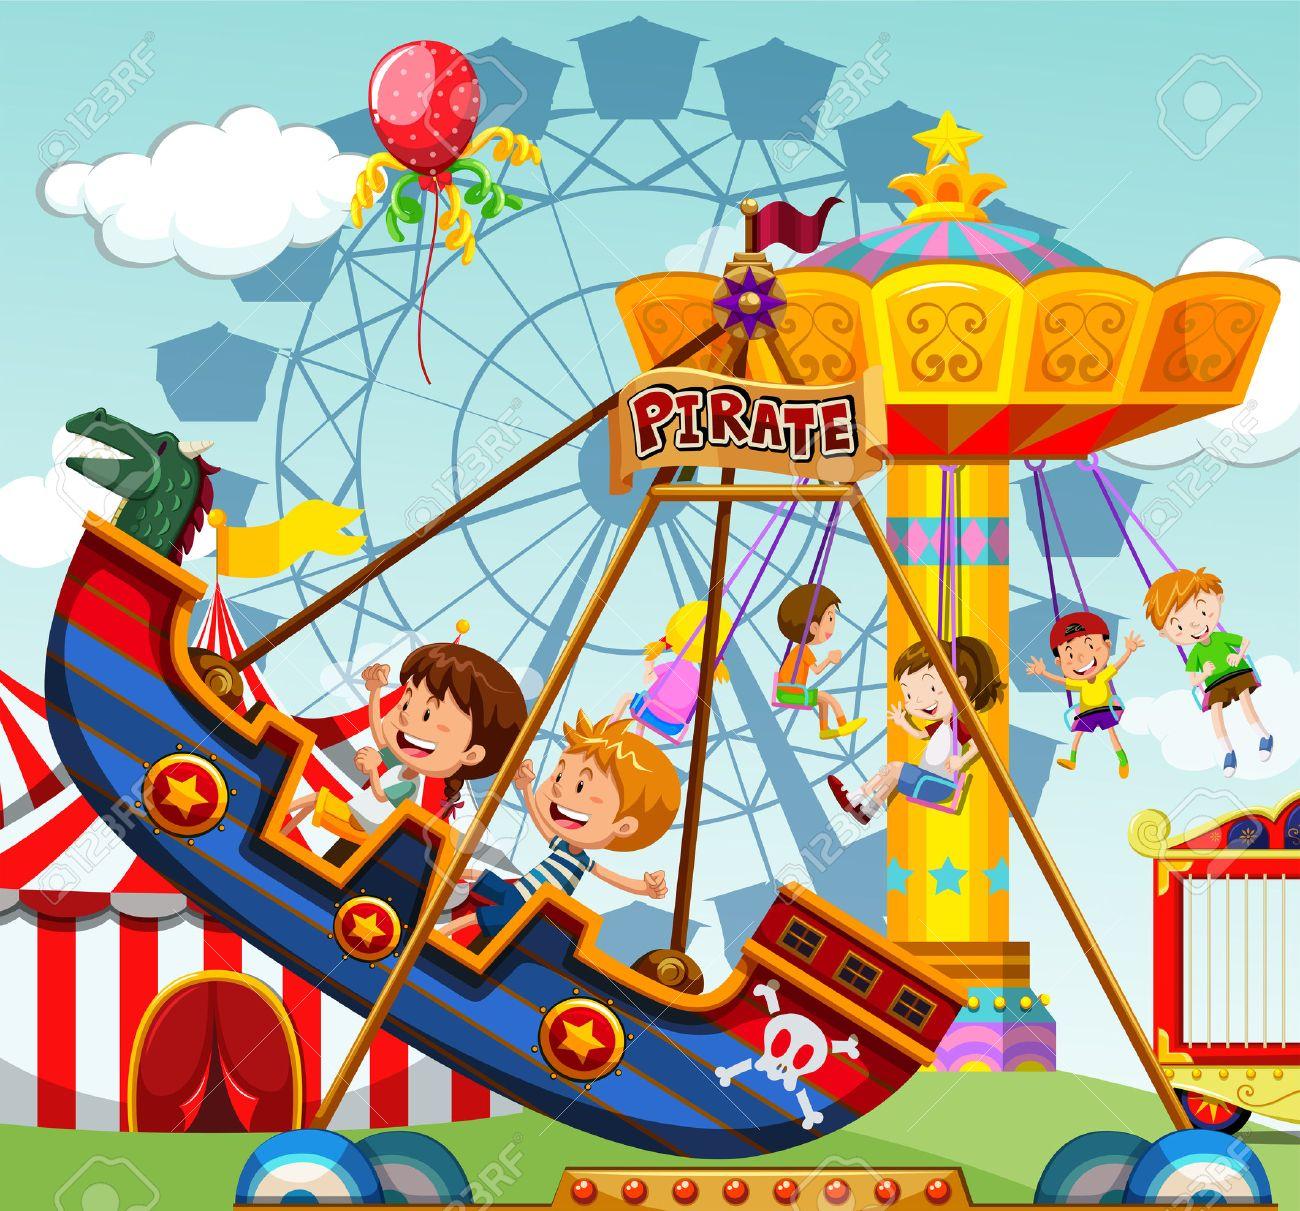 遊園地のイラスト乗り物に乗って子供のイラスト素材ベクタ Image